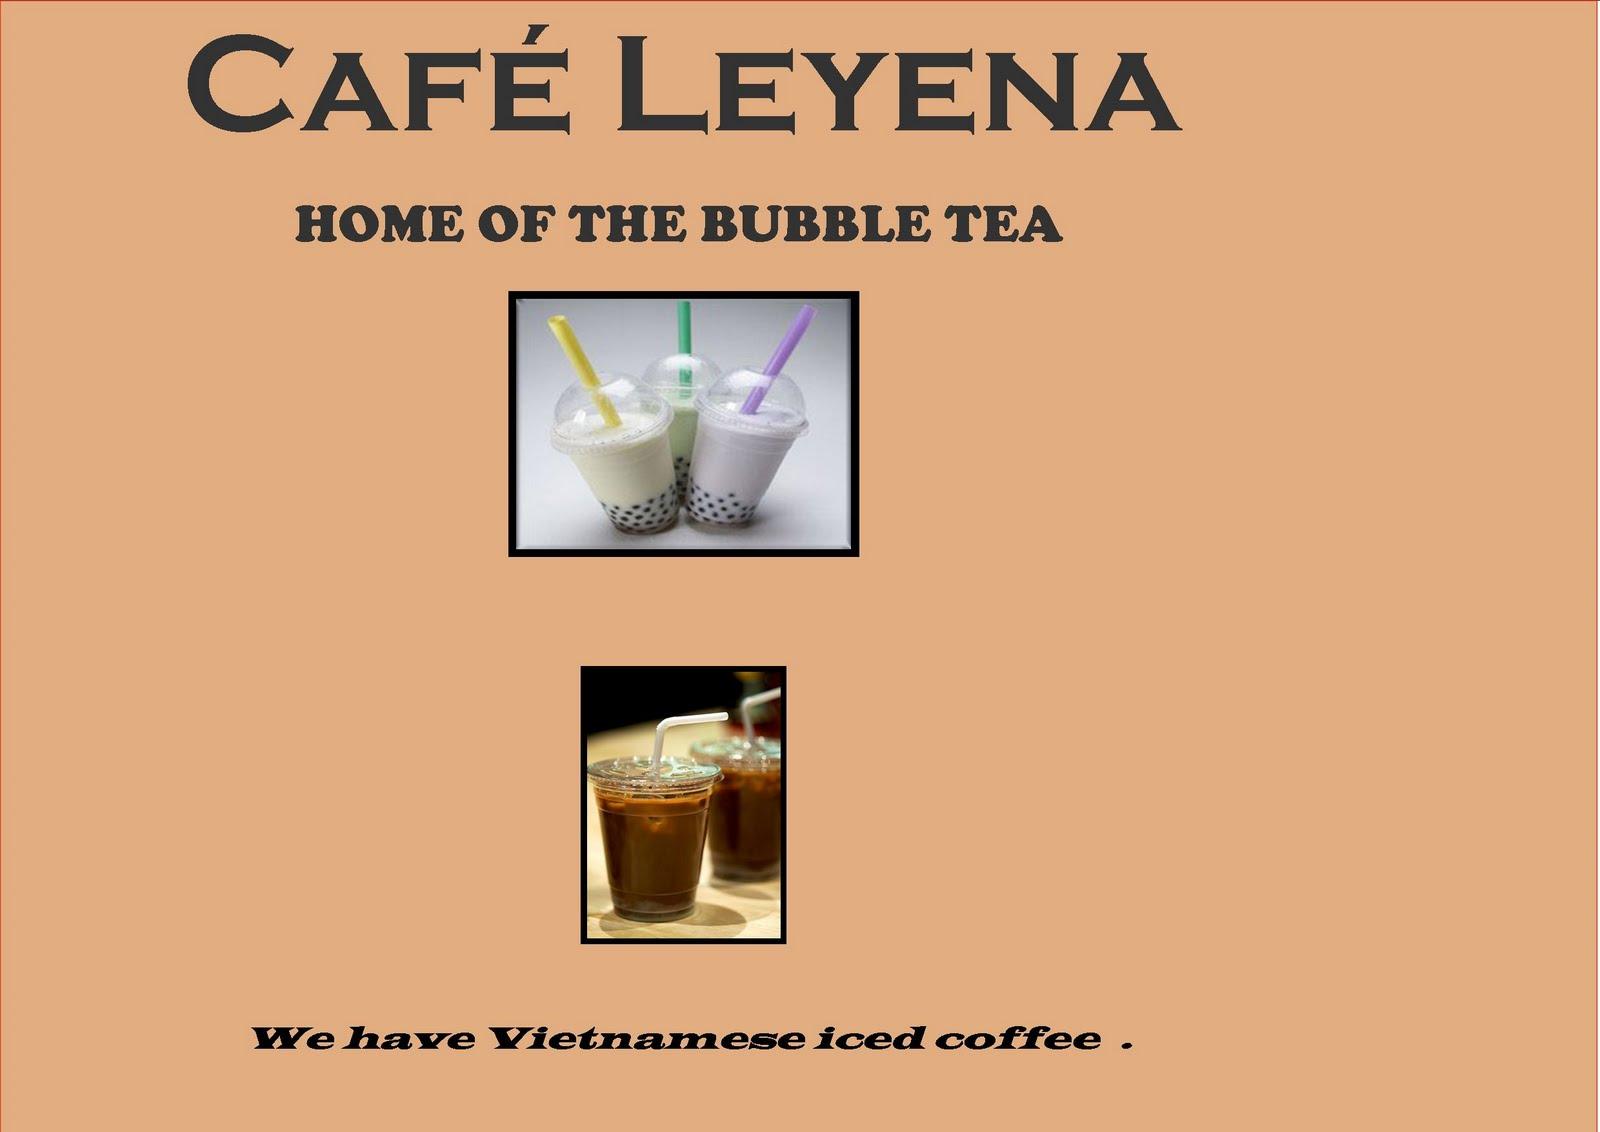 Cafe Leyena